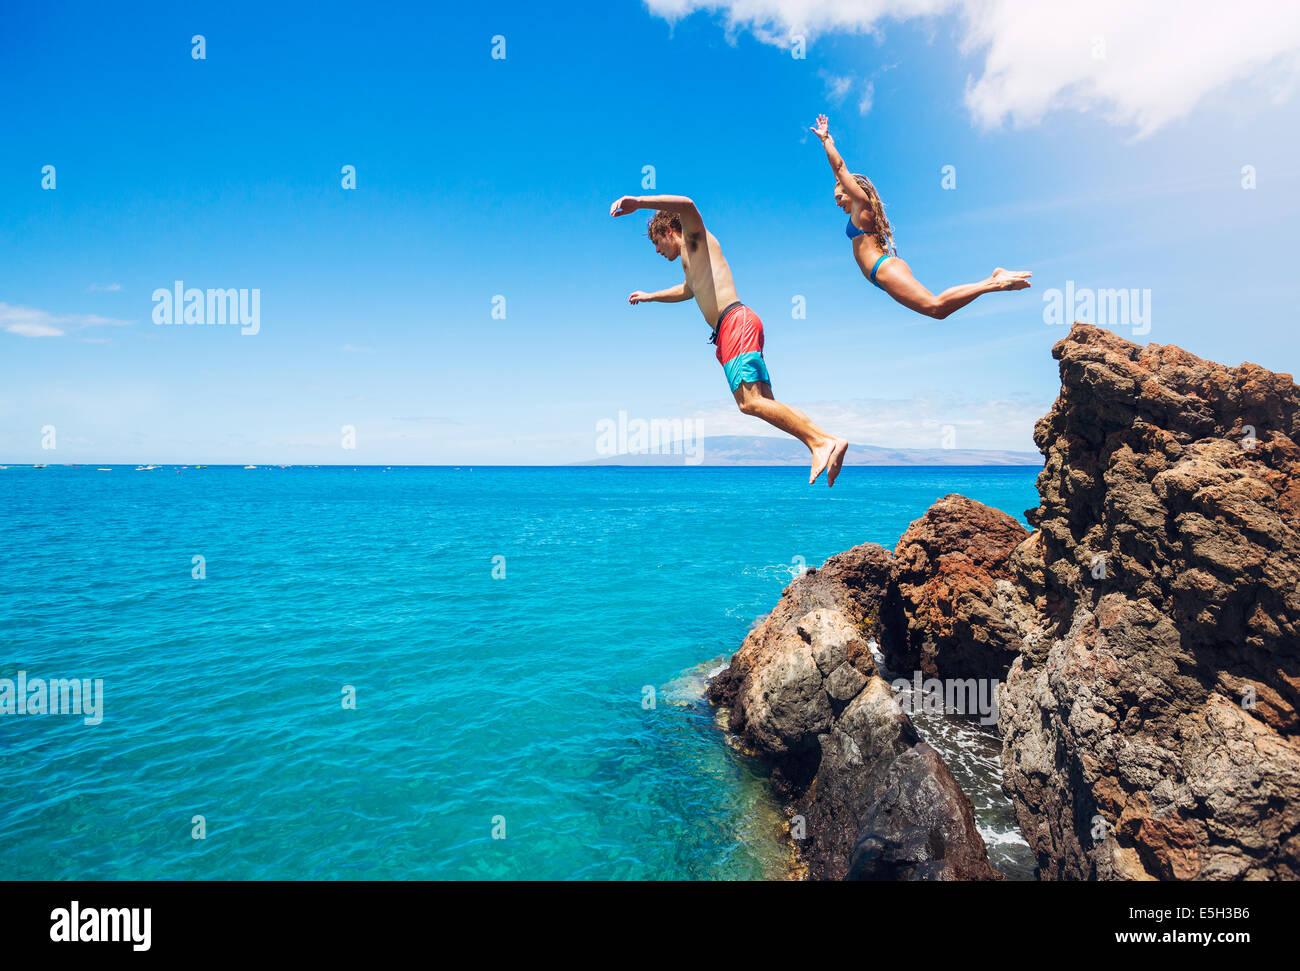 Amigos cliff saltar en el océano, la diversión en verano en el estilo de vida. Imagen De Stock